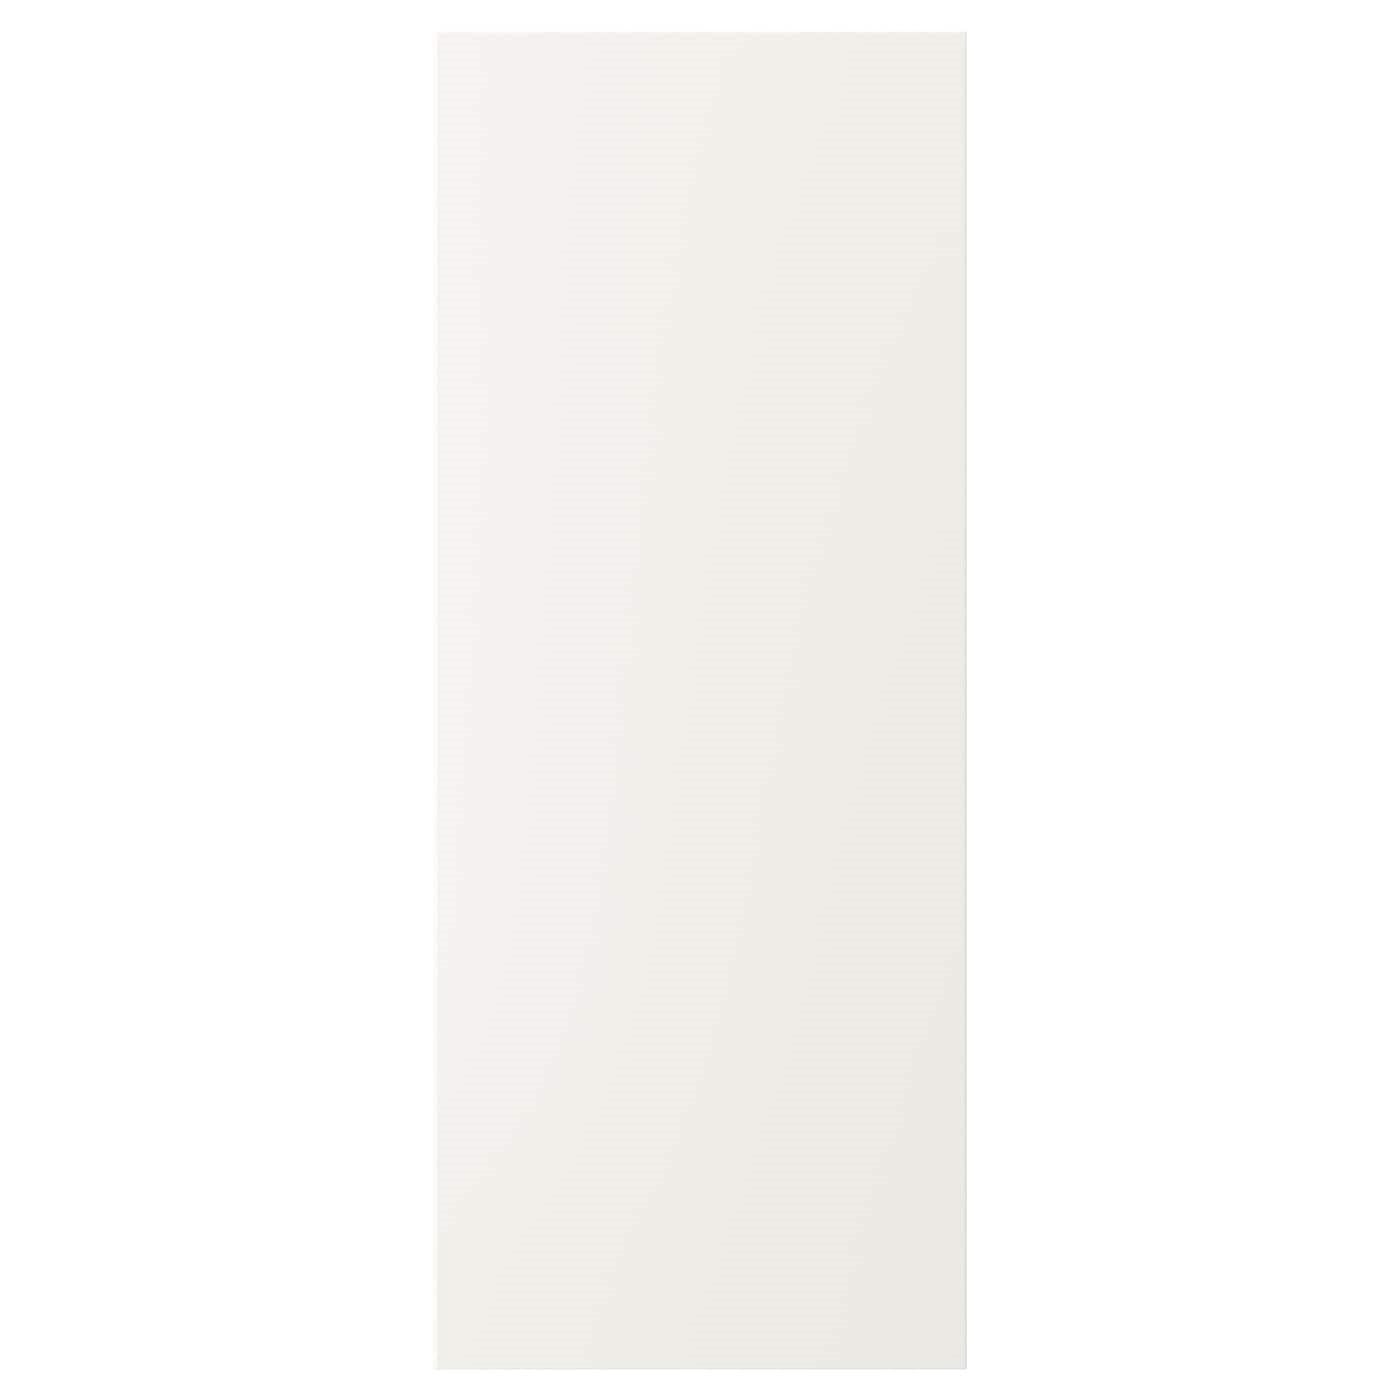 IKEA VEDDINGE дверь белый 40 x 100 см 40205429